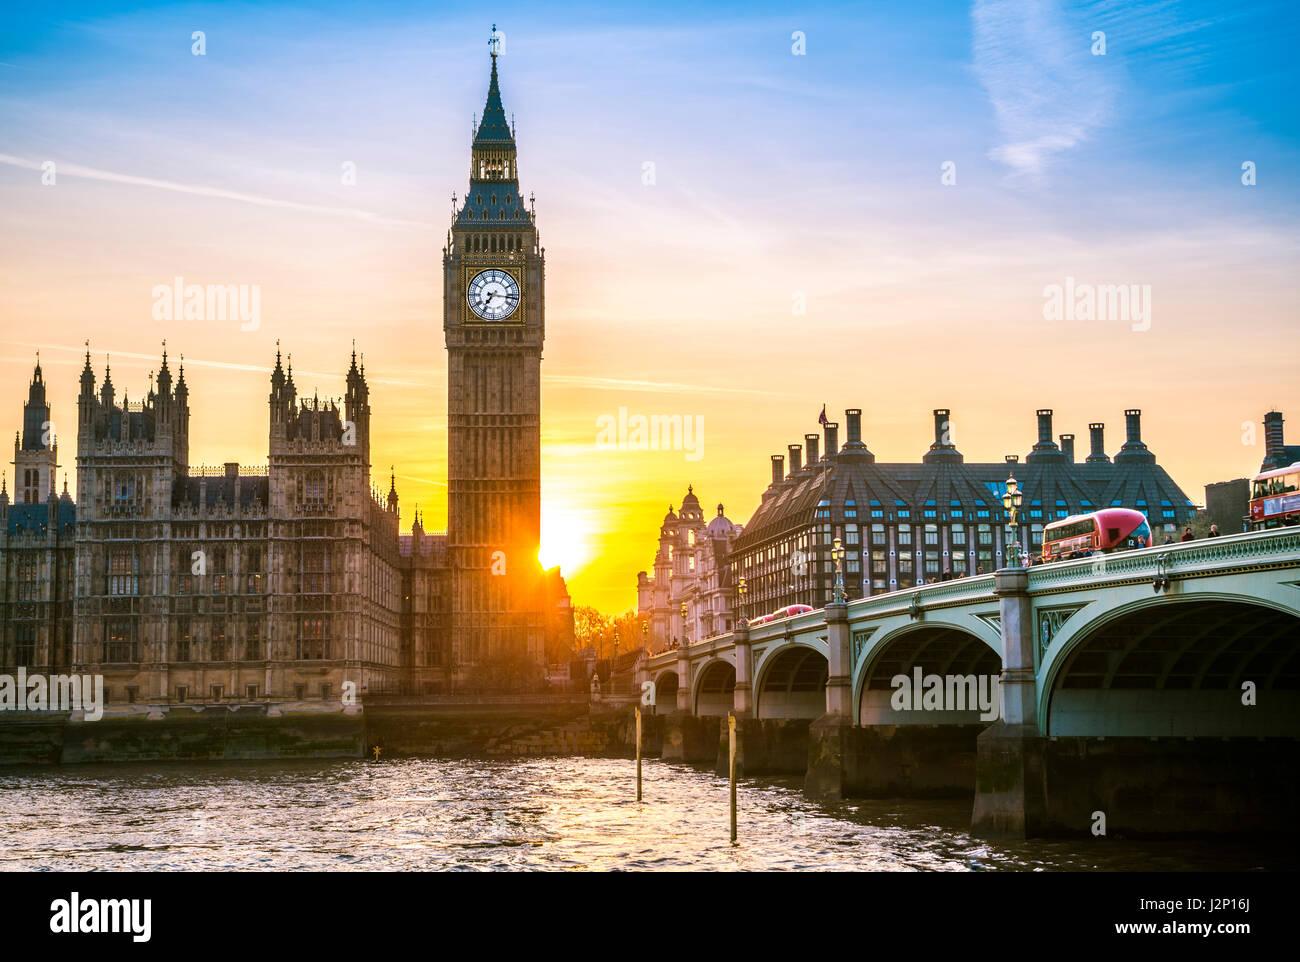 Big Ben, Coucher de soleil, contre-jour, le Parlement, le pont de Westminster, la Tamise, City of Westminster, London, Photo Stock